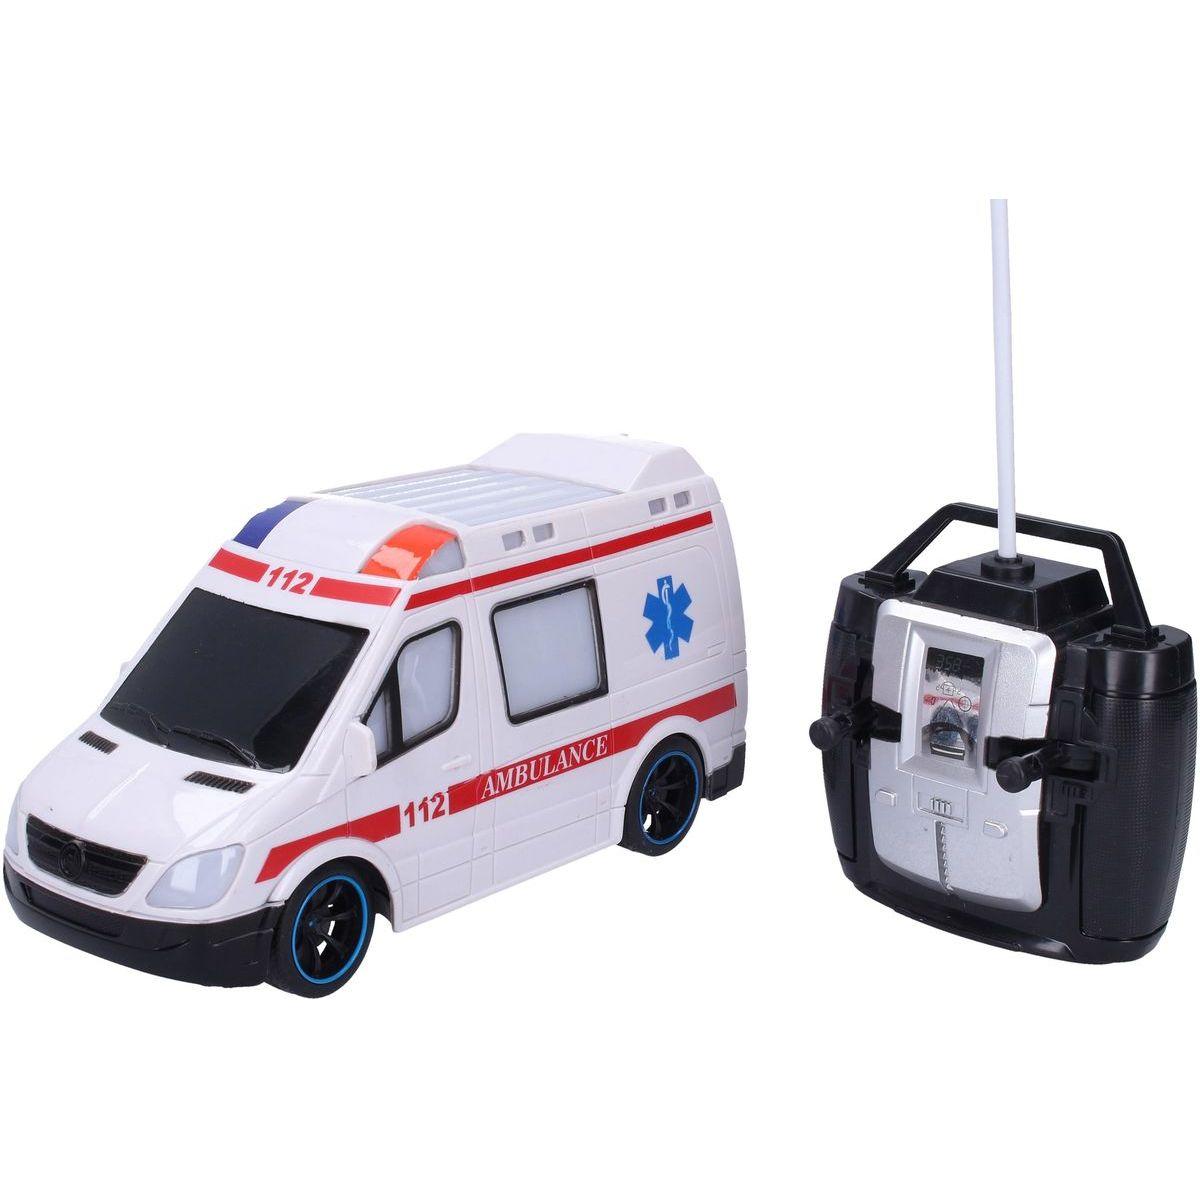 Auto RC Sanitka plast 20cm 27 MHz na baterie se světlem